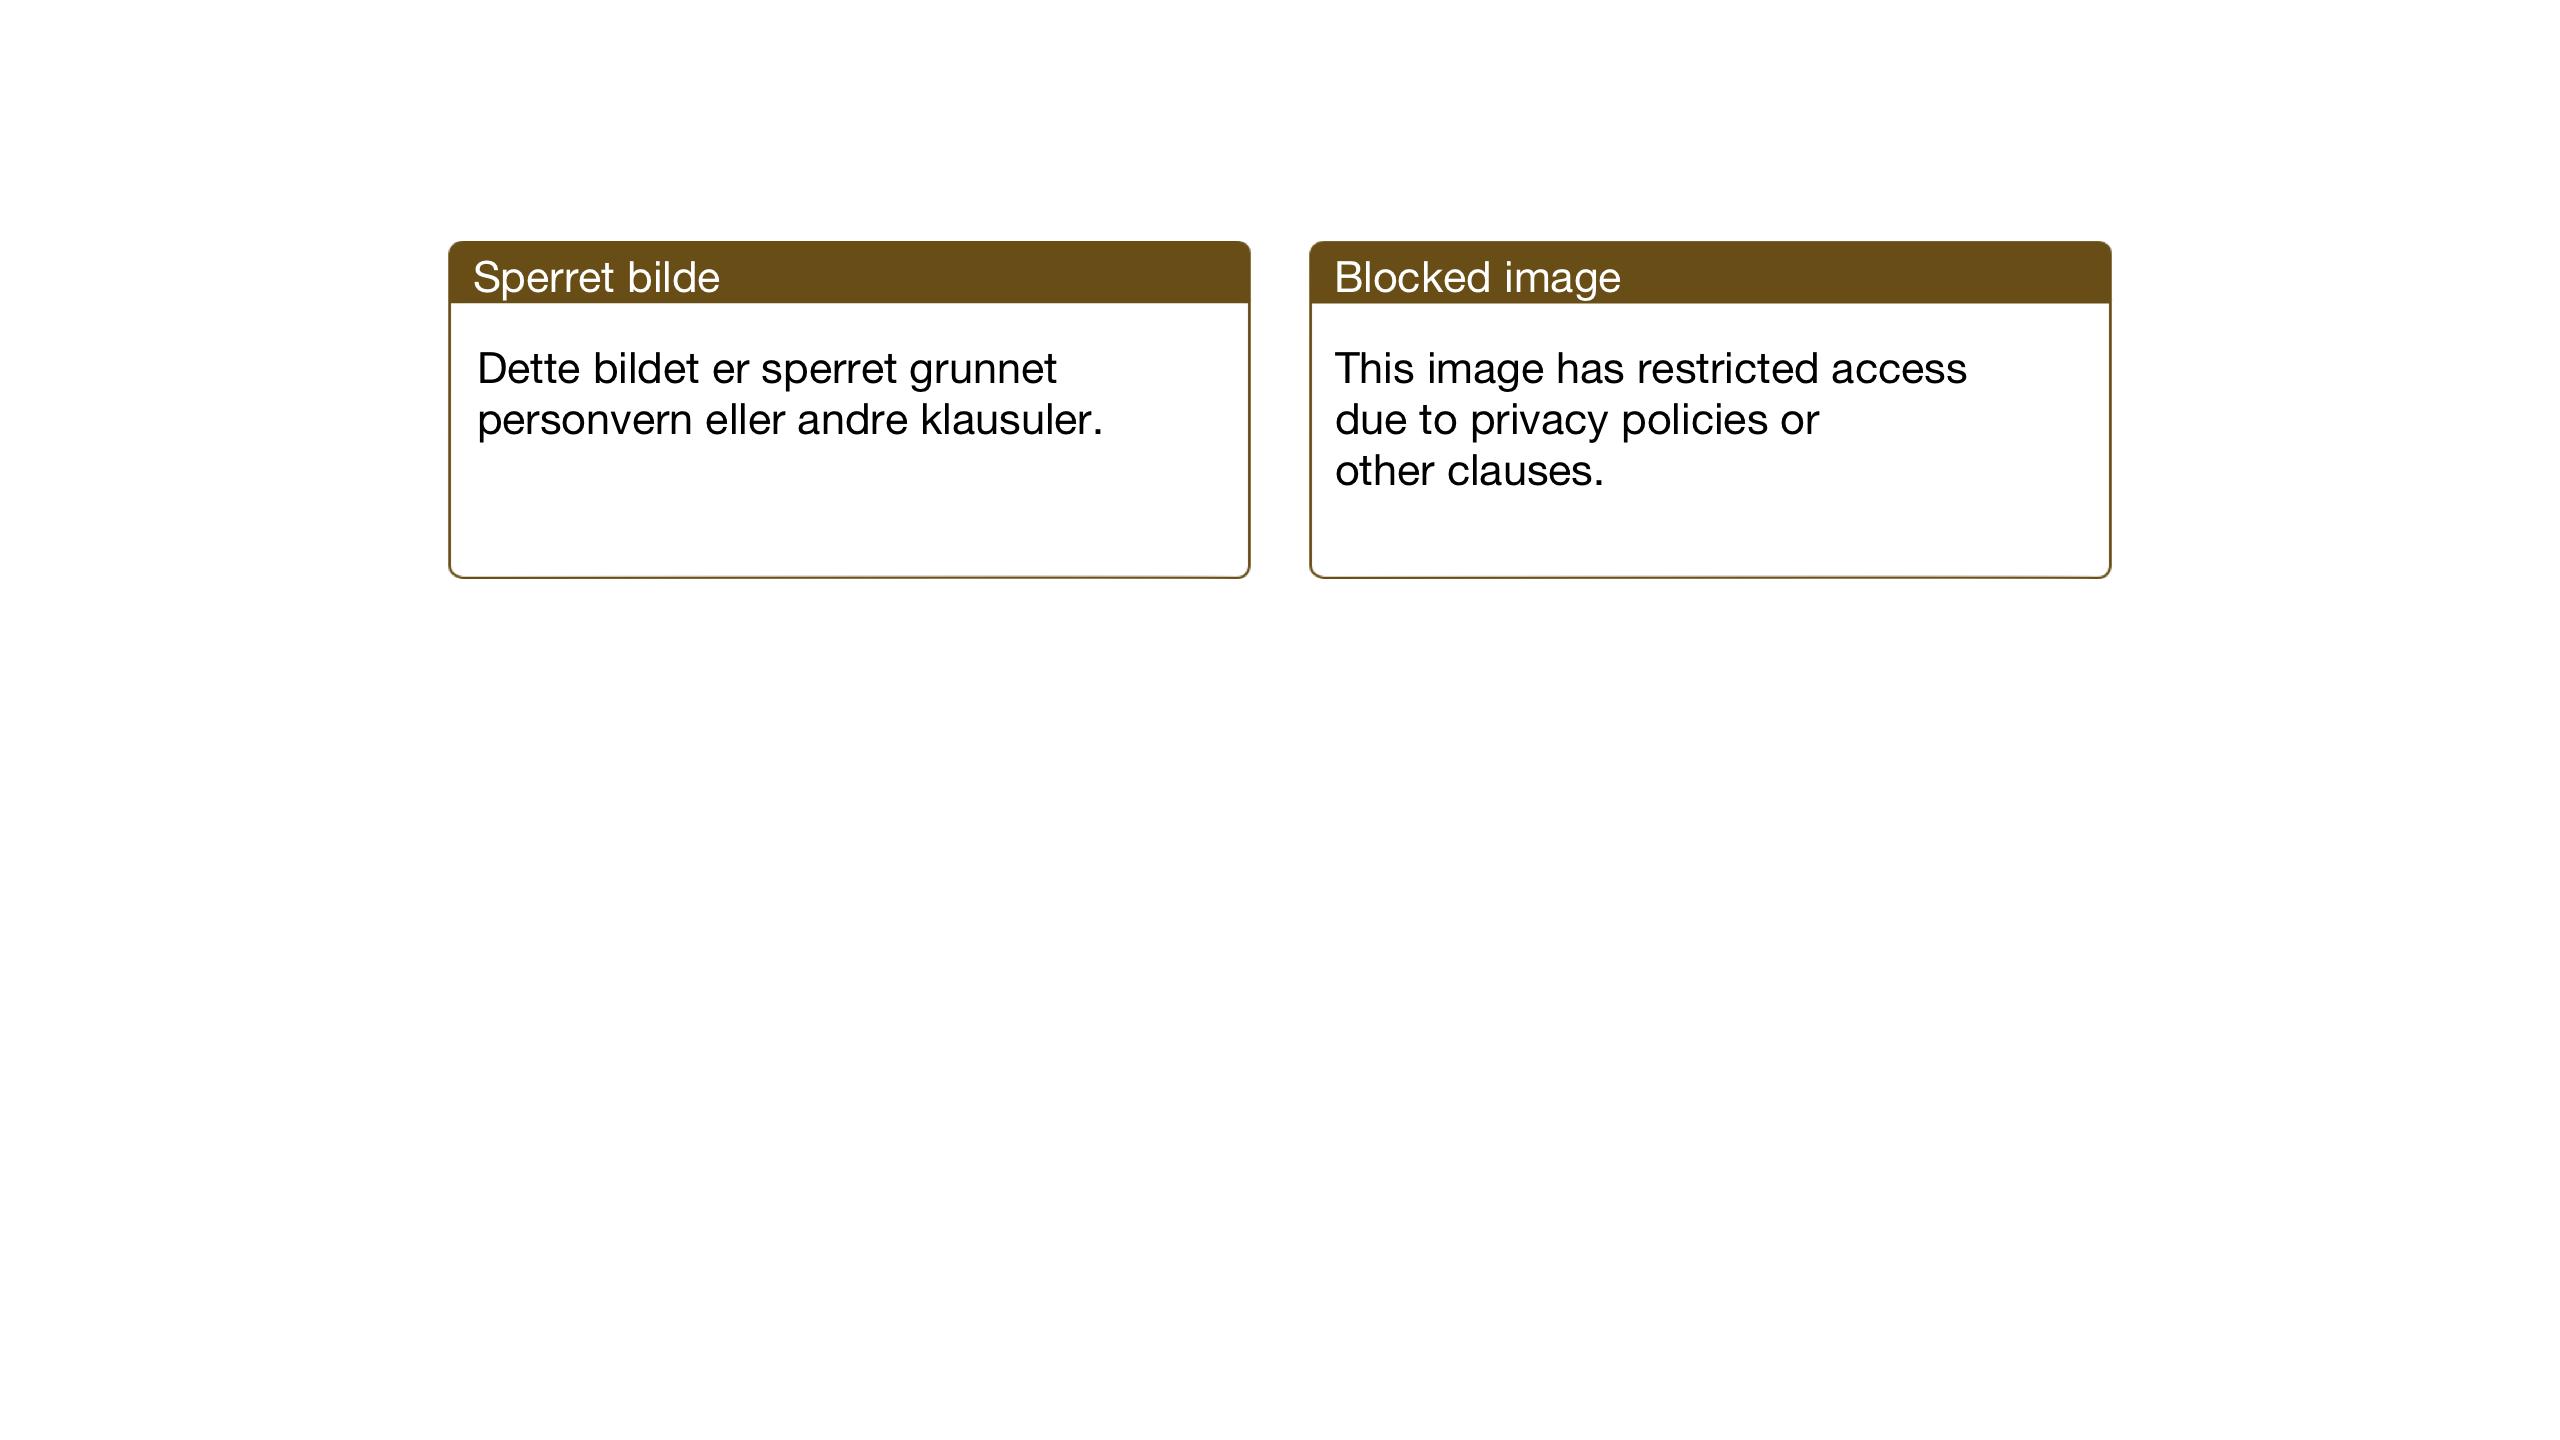 SAT, Ministerialprotokoller, klokkerbøker og fødselsregistre - Nord-Trøndelag, 774/L0631: Klokkerbok nr. 774C02, 1934-1950, s. 15